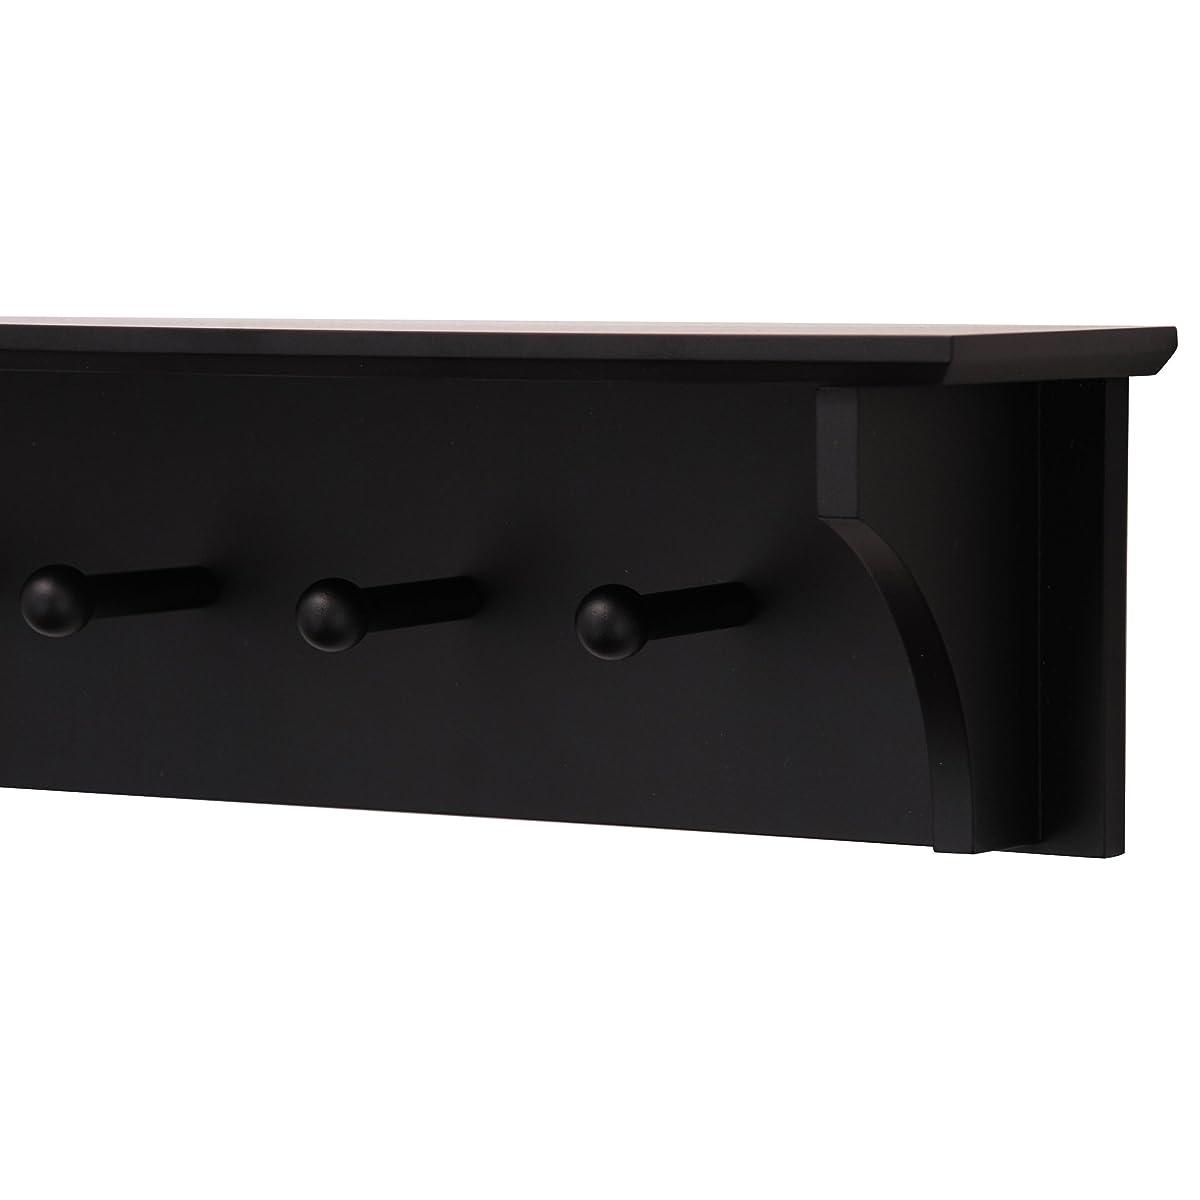 """Kiera Grace Foster Wall Shelf with 5 Pegs, 24"""" by 5.5"""", Black"""